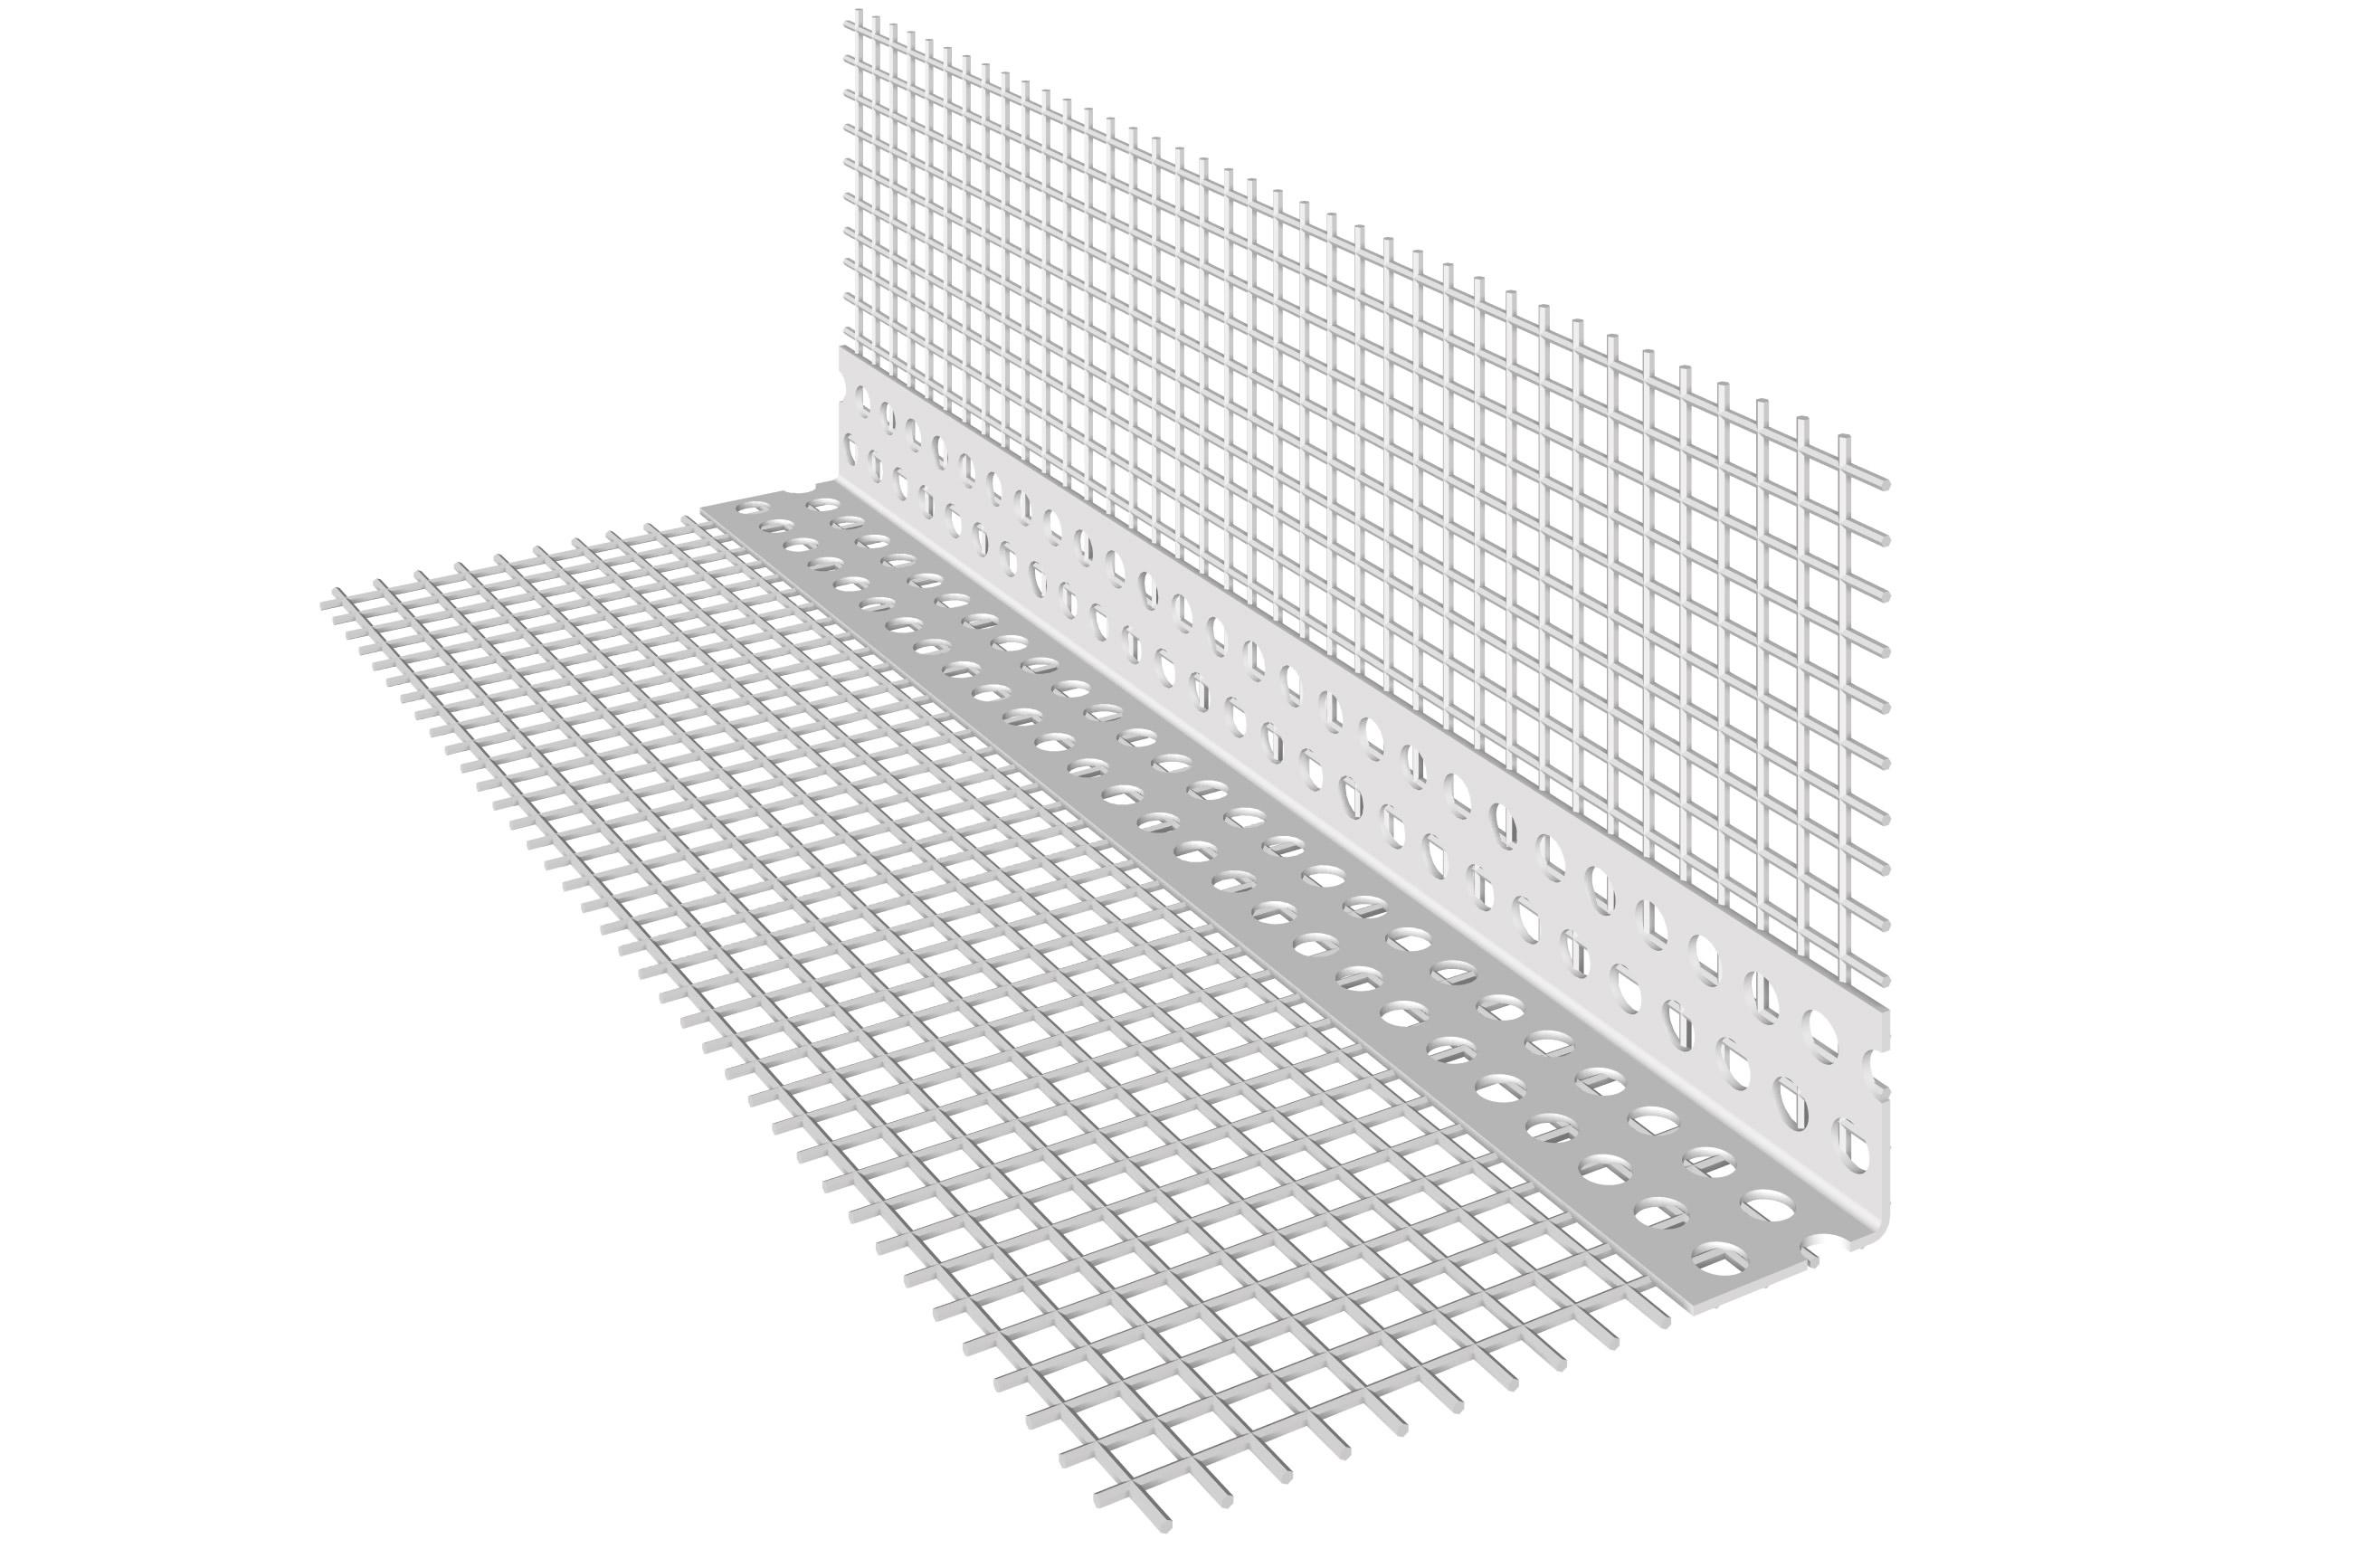 KANTENPROFIL AUS PVC: Kantenprofil aus PVC mit aufgeklebtem Glasfasergewebe